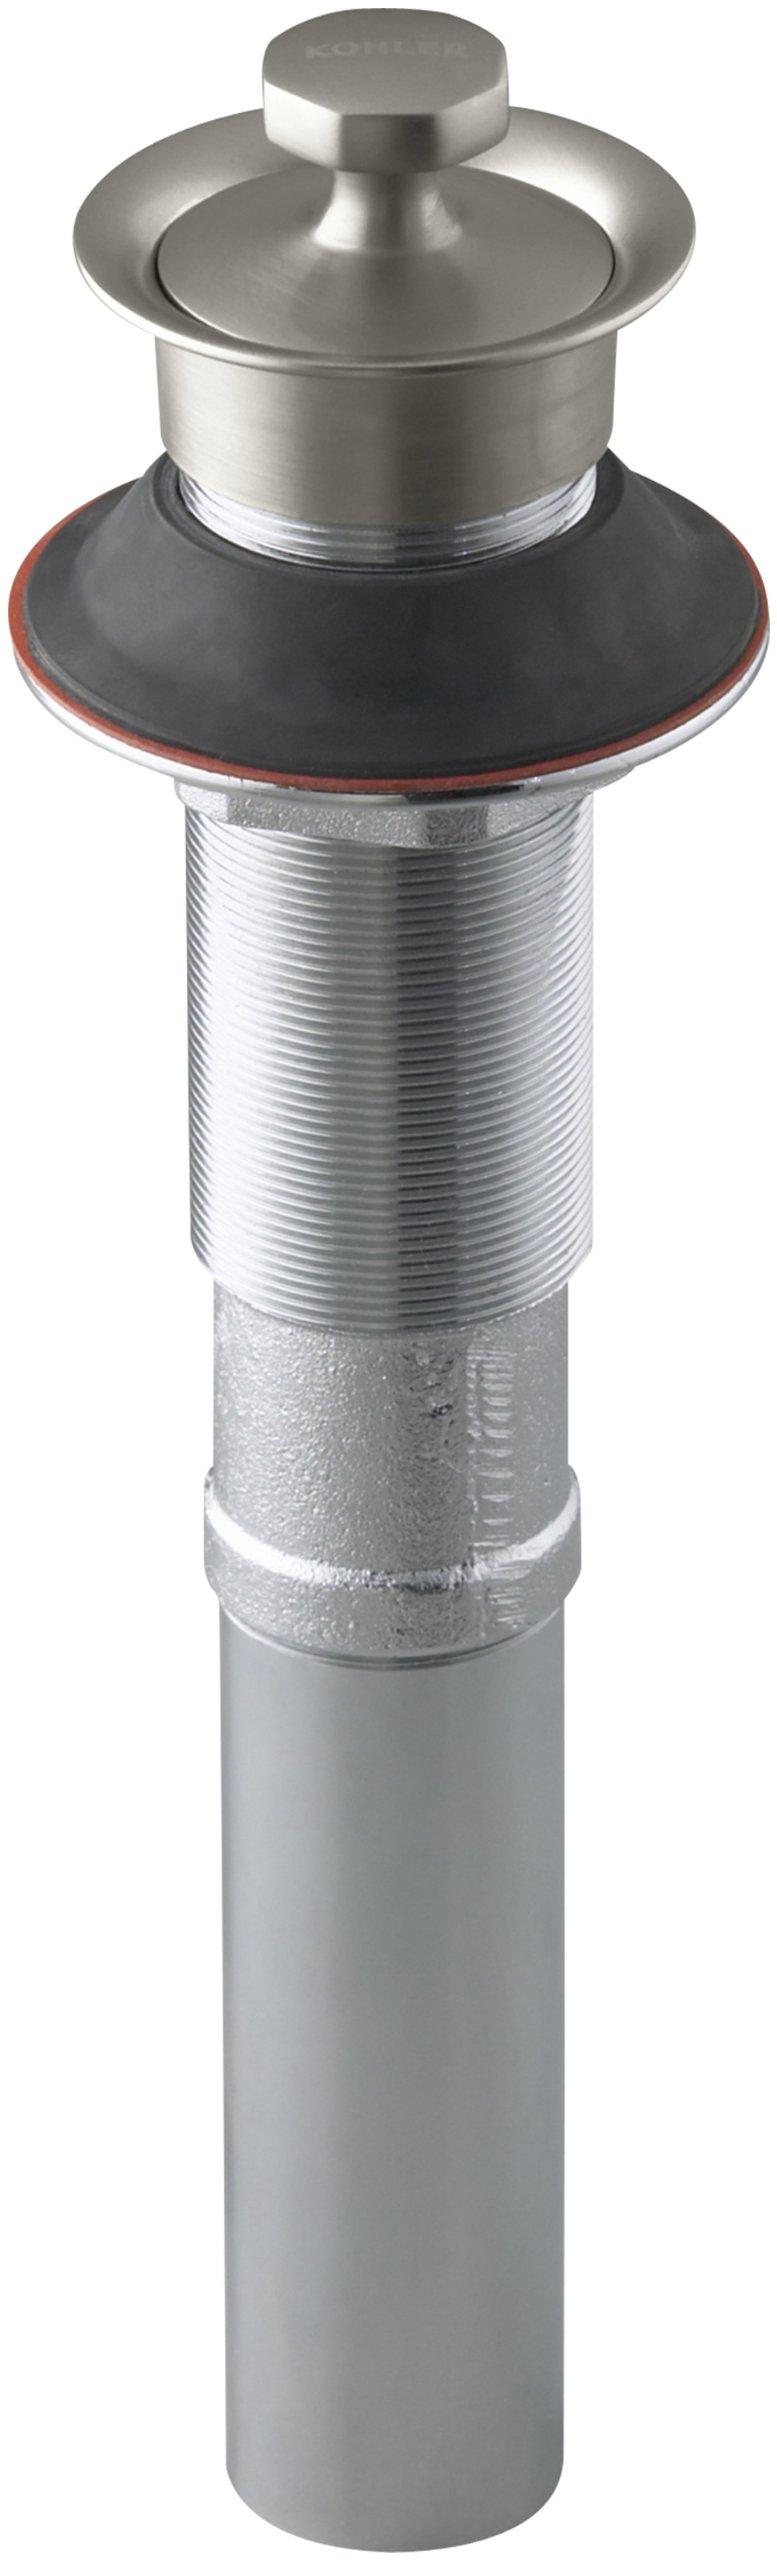 KOHLER K-7127-BN Lavatory Drain, Vibrant Brushed Nickel by Kohler